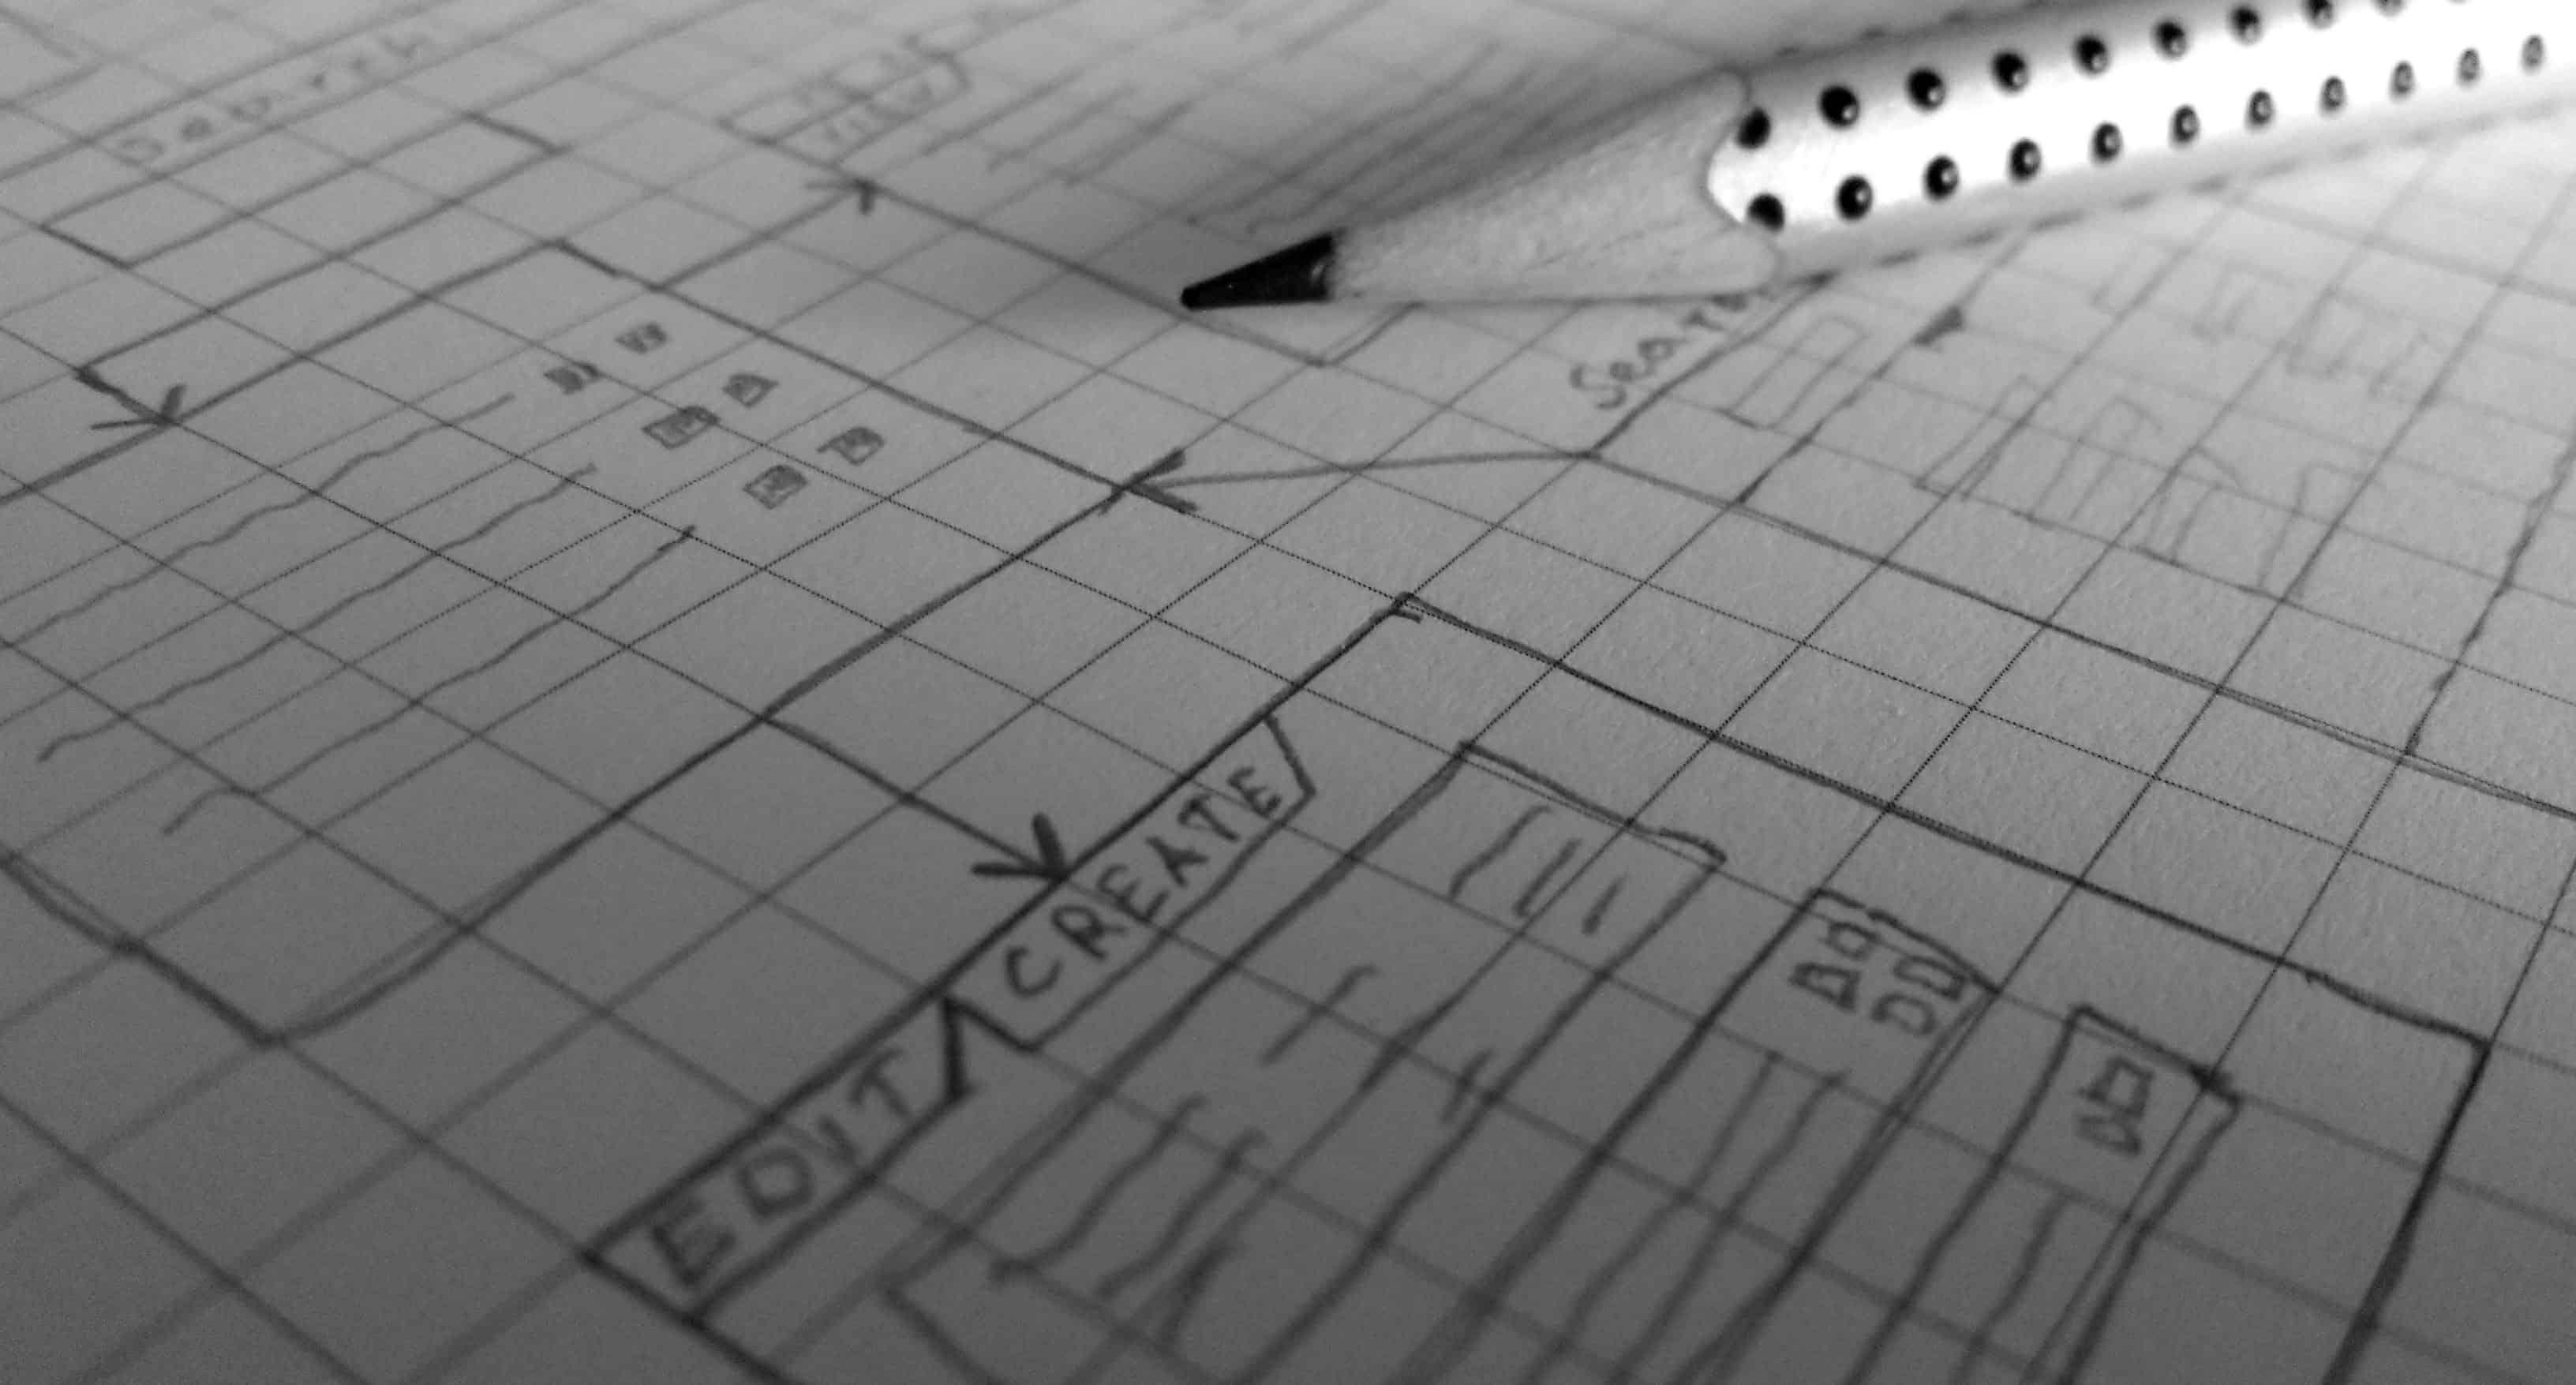 Outsourcing Web Design Tasks